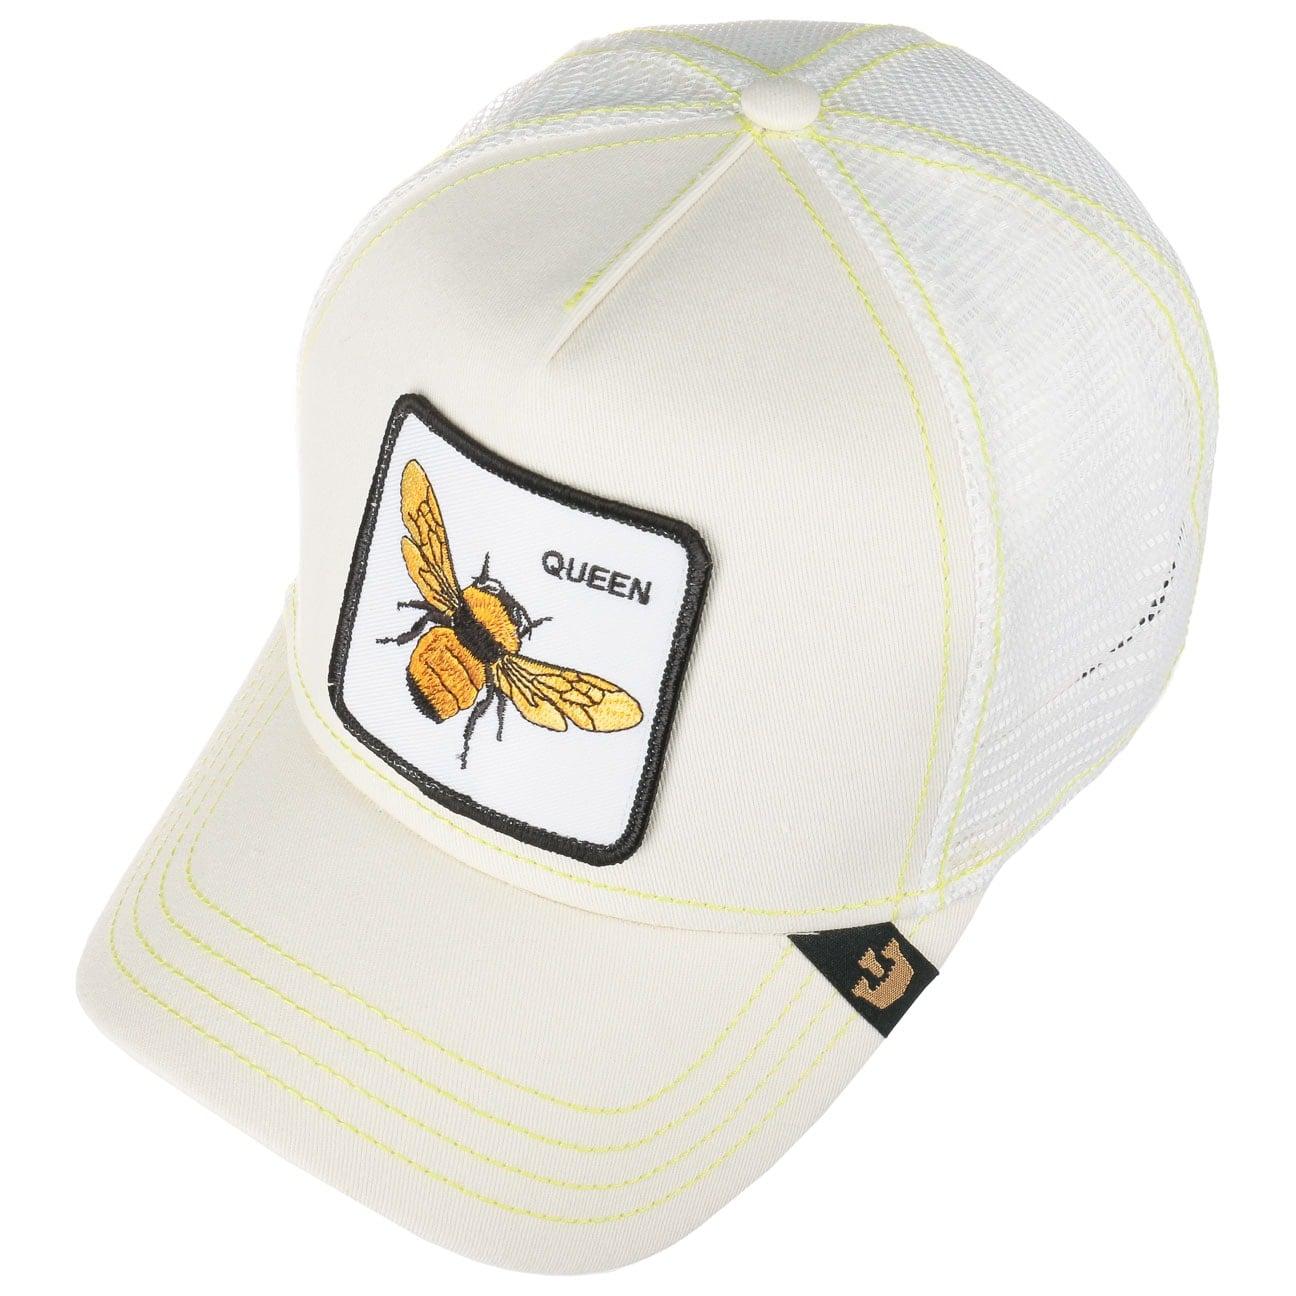 Queen Bee Truckercap by Goorin Bros. Start Damen Caps Baseballcaps 8c1b856d6f7